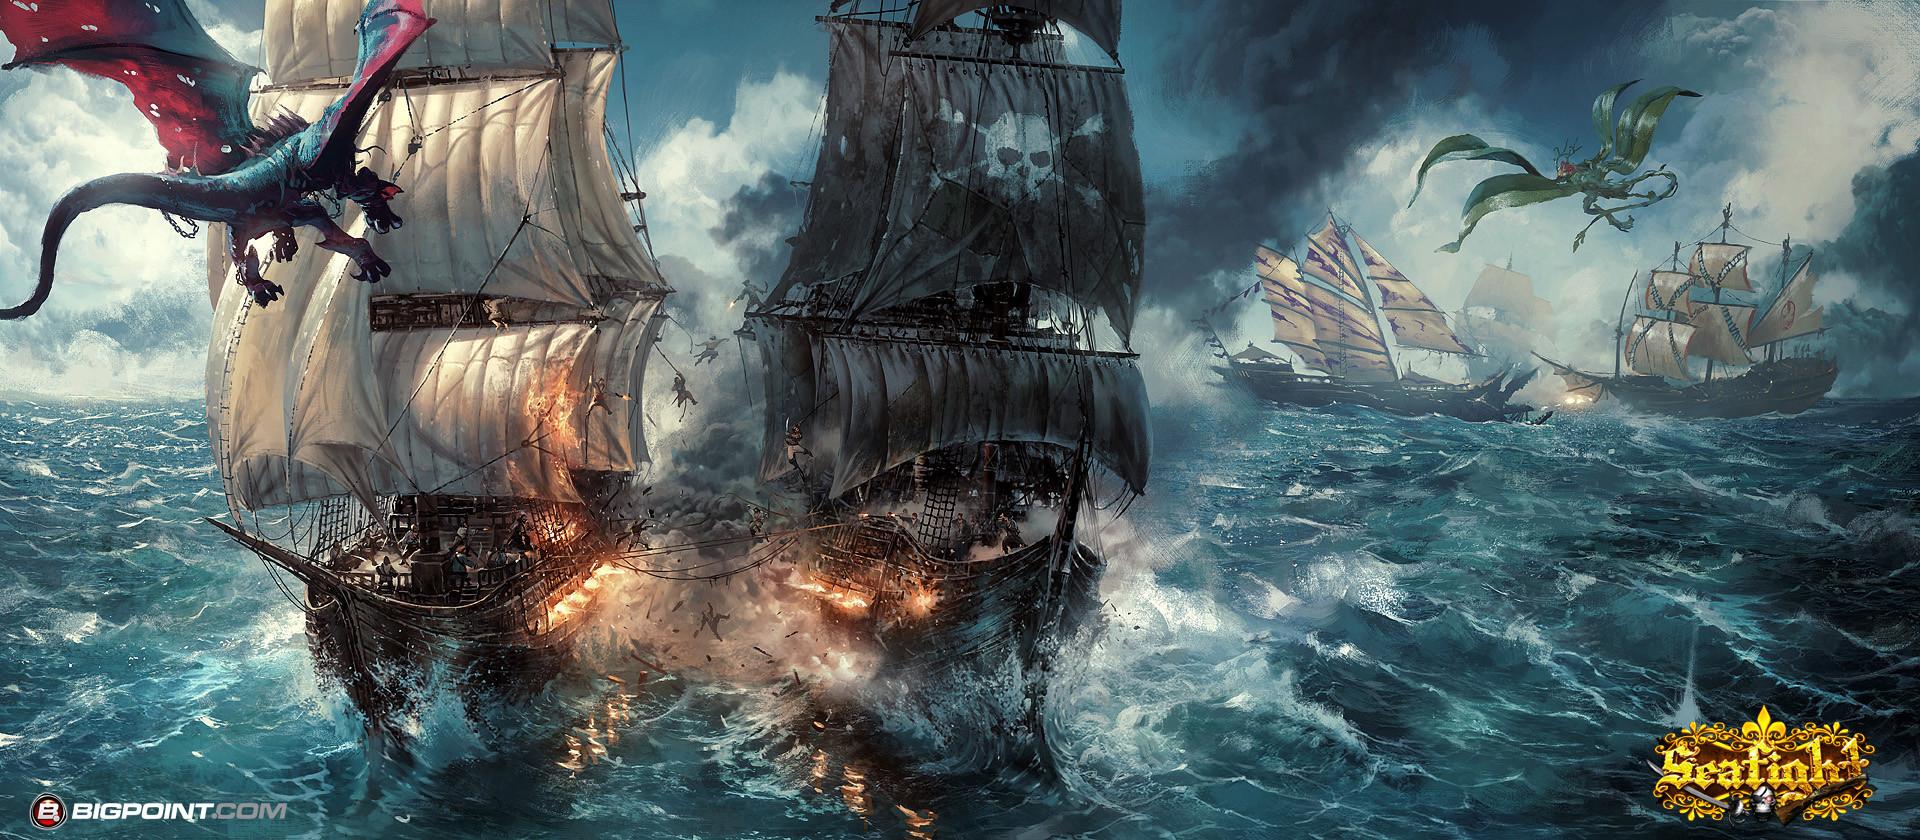 Grzegorz rutkowski pirate ship battle 1920